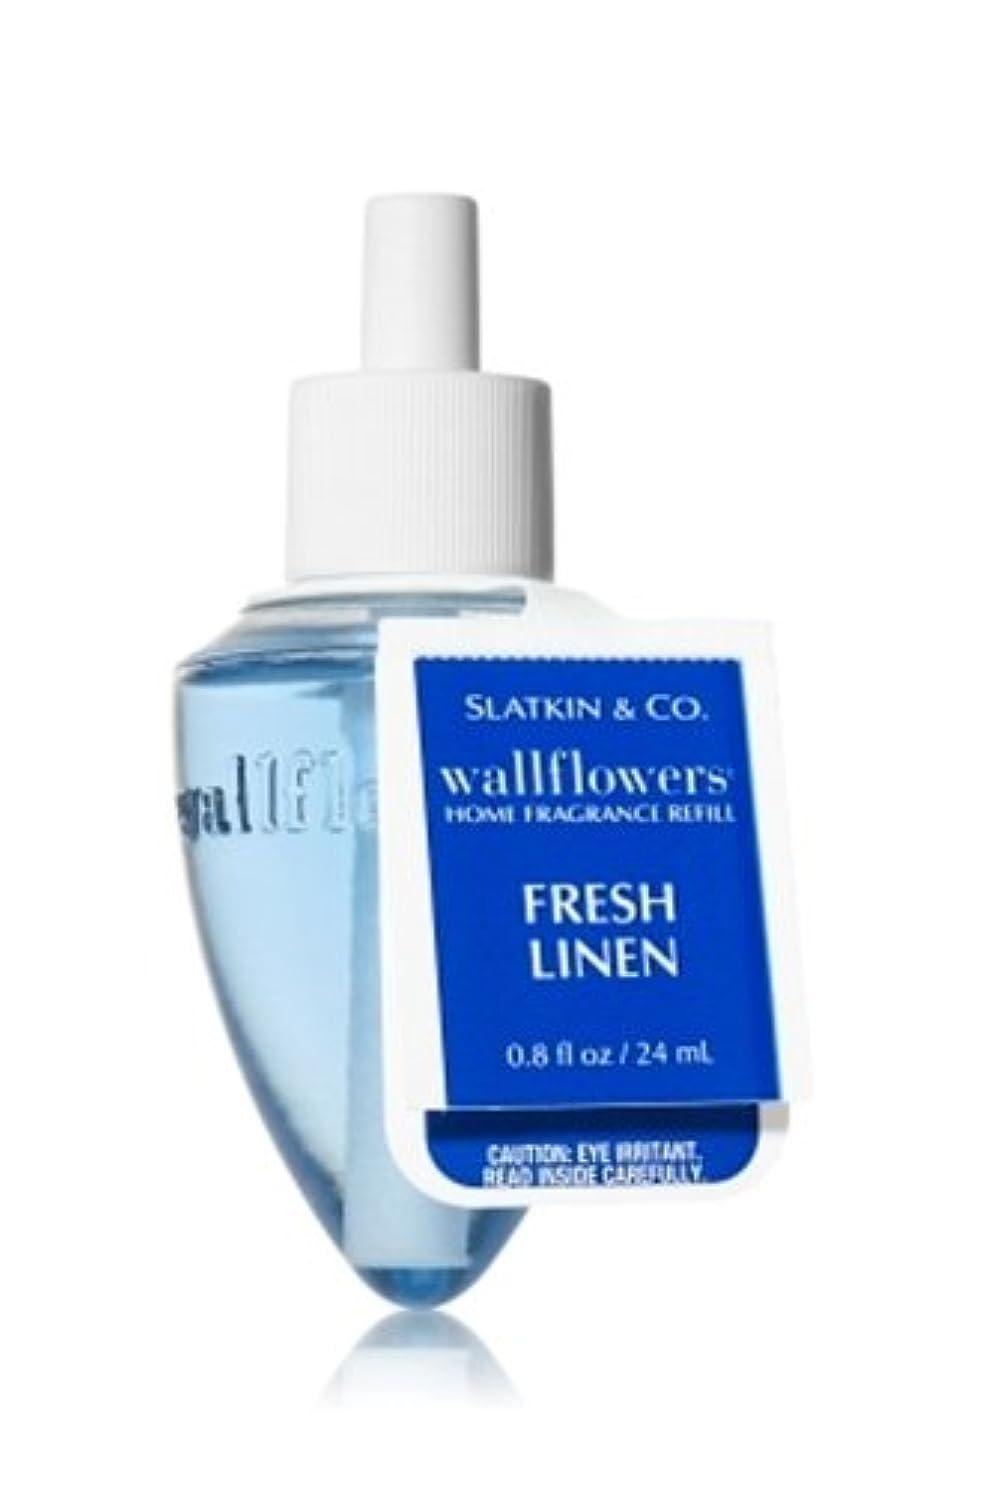 ライセンス作曲するペイントBath & Body Works(バス&ボディワークス)フレッシュ?リネン ホームフレグランス レフィル(本体は別売りです)Fresh Linen Wallflowers Refill Single Bottles